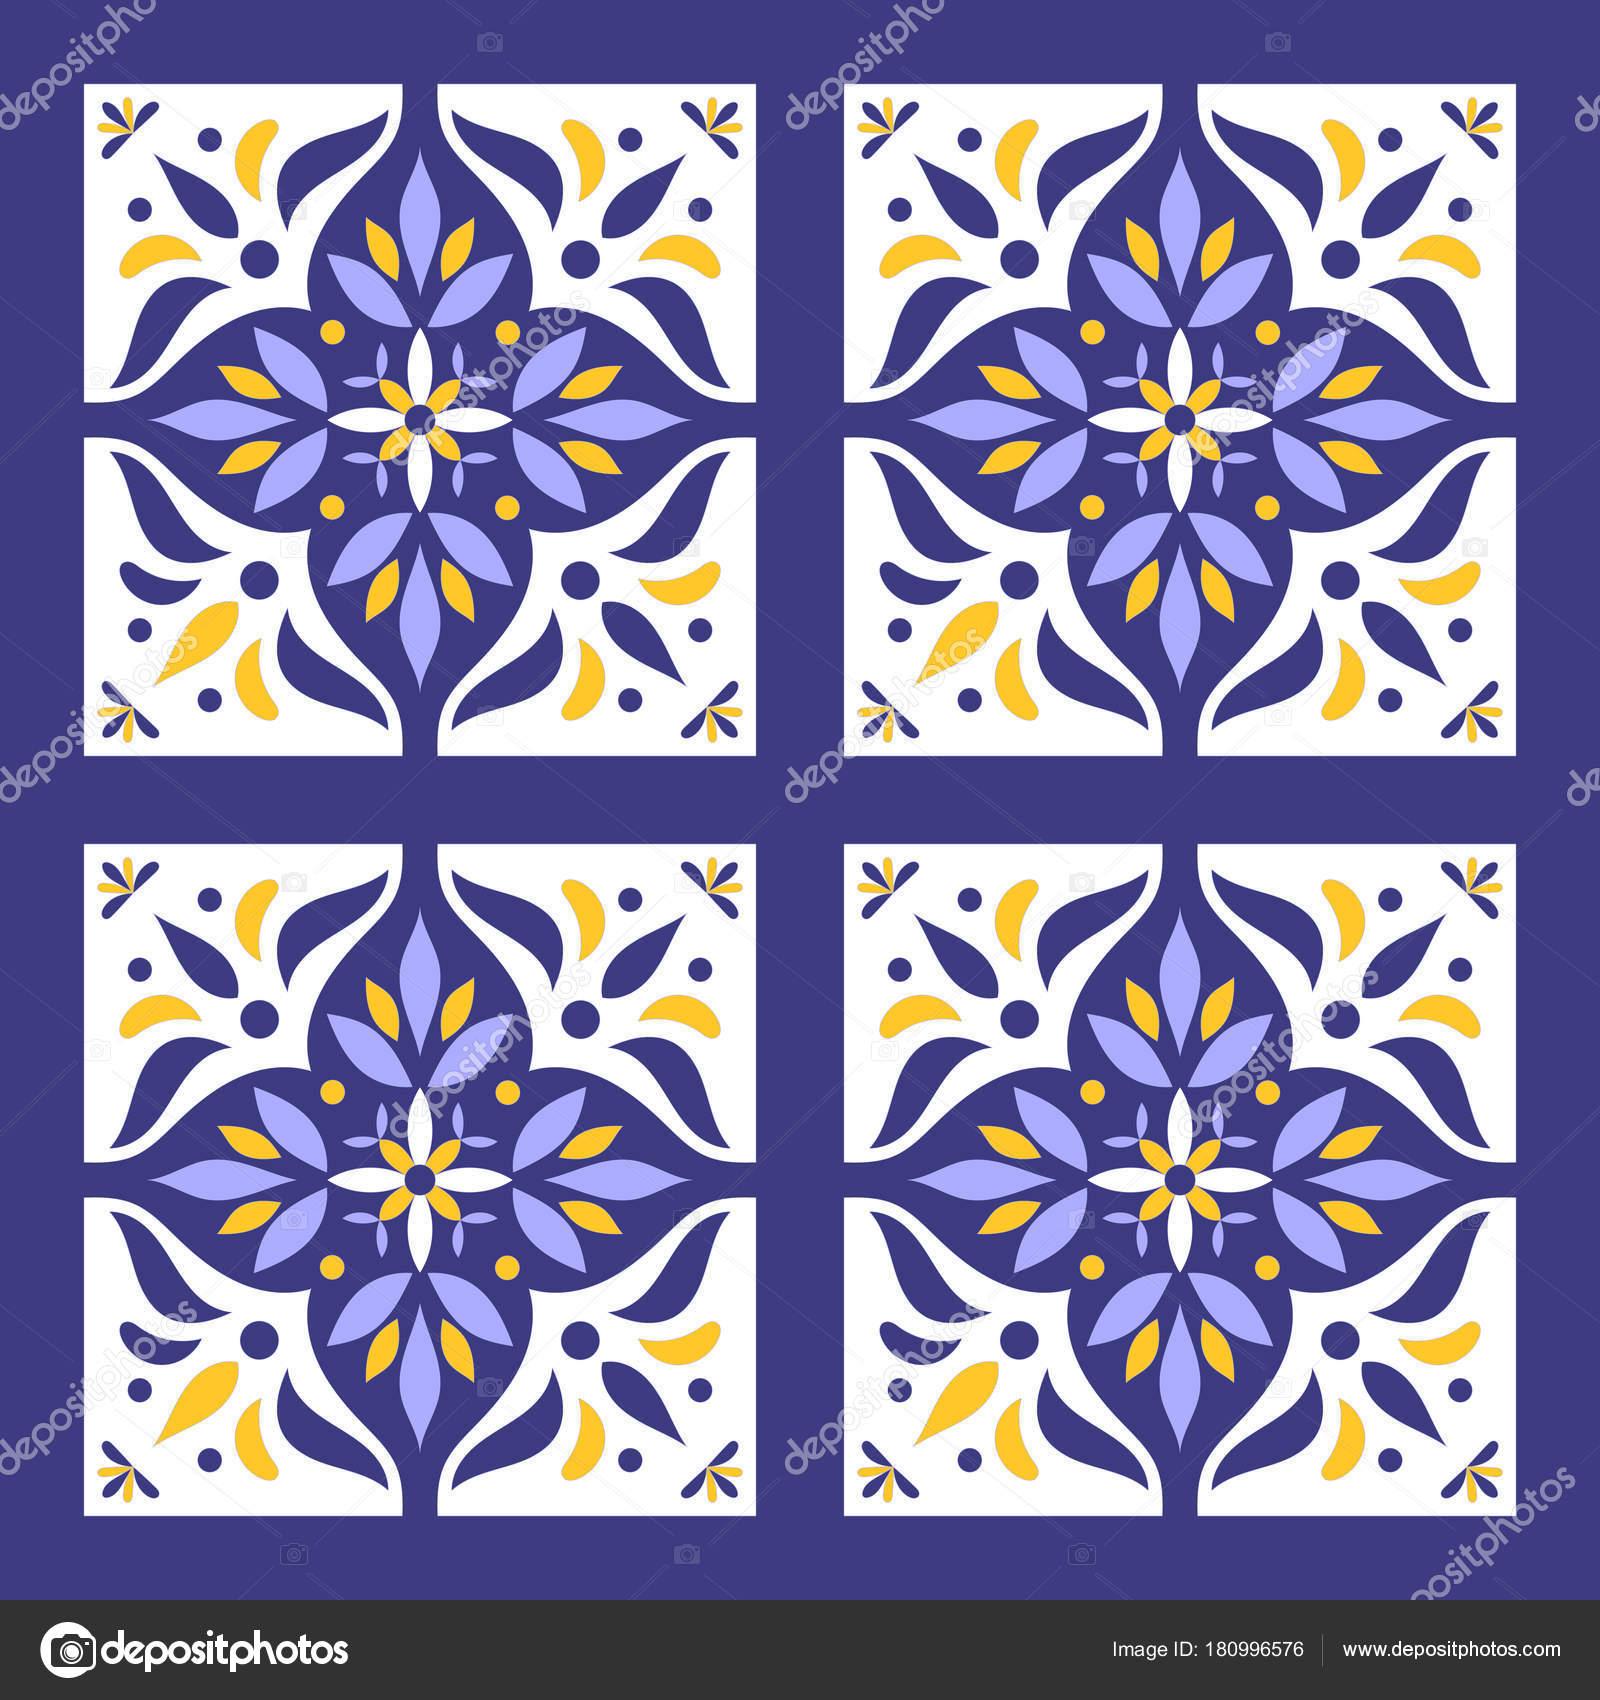 Portugiesische Fliesen Muster Vektor Mit Blauen Gelben Und Weißen - Tapete portugiesische fliesen